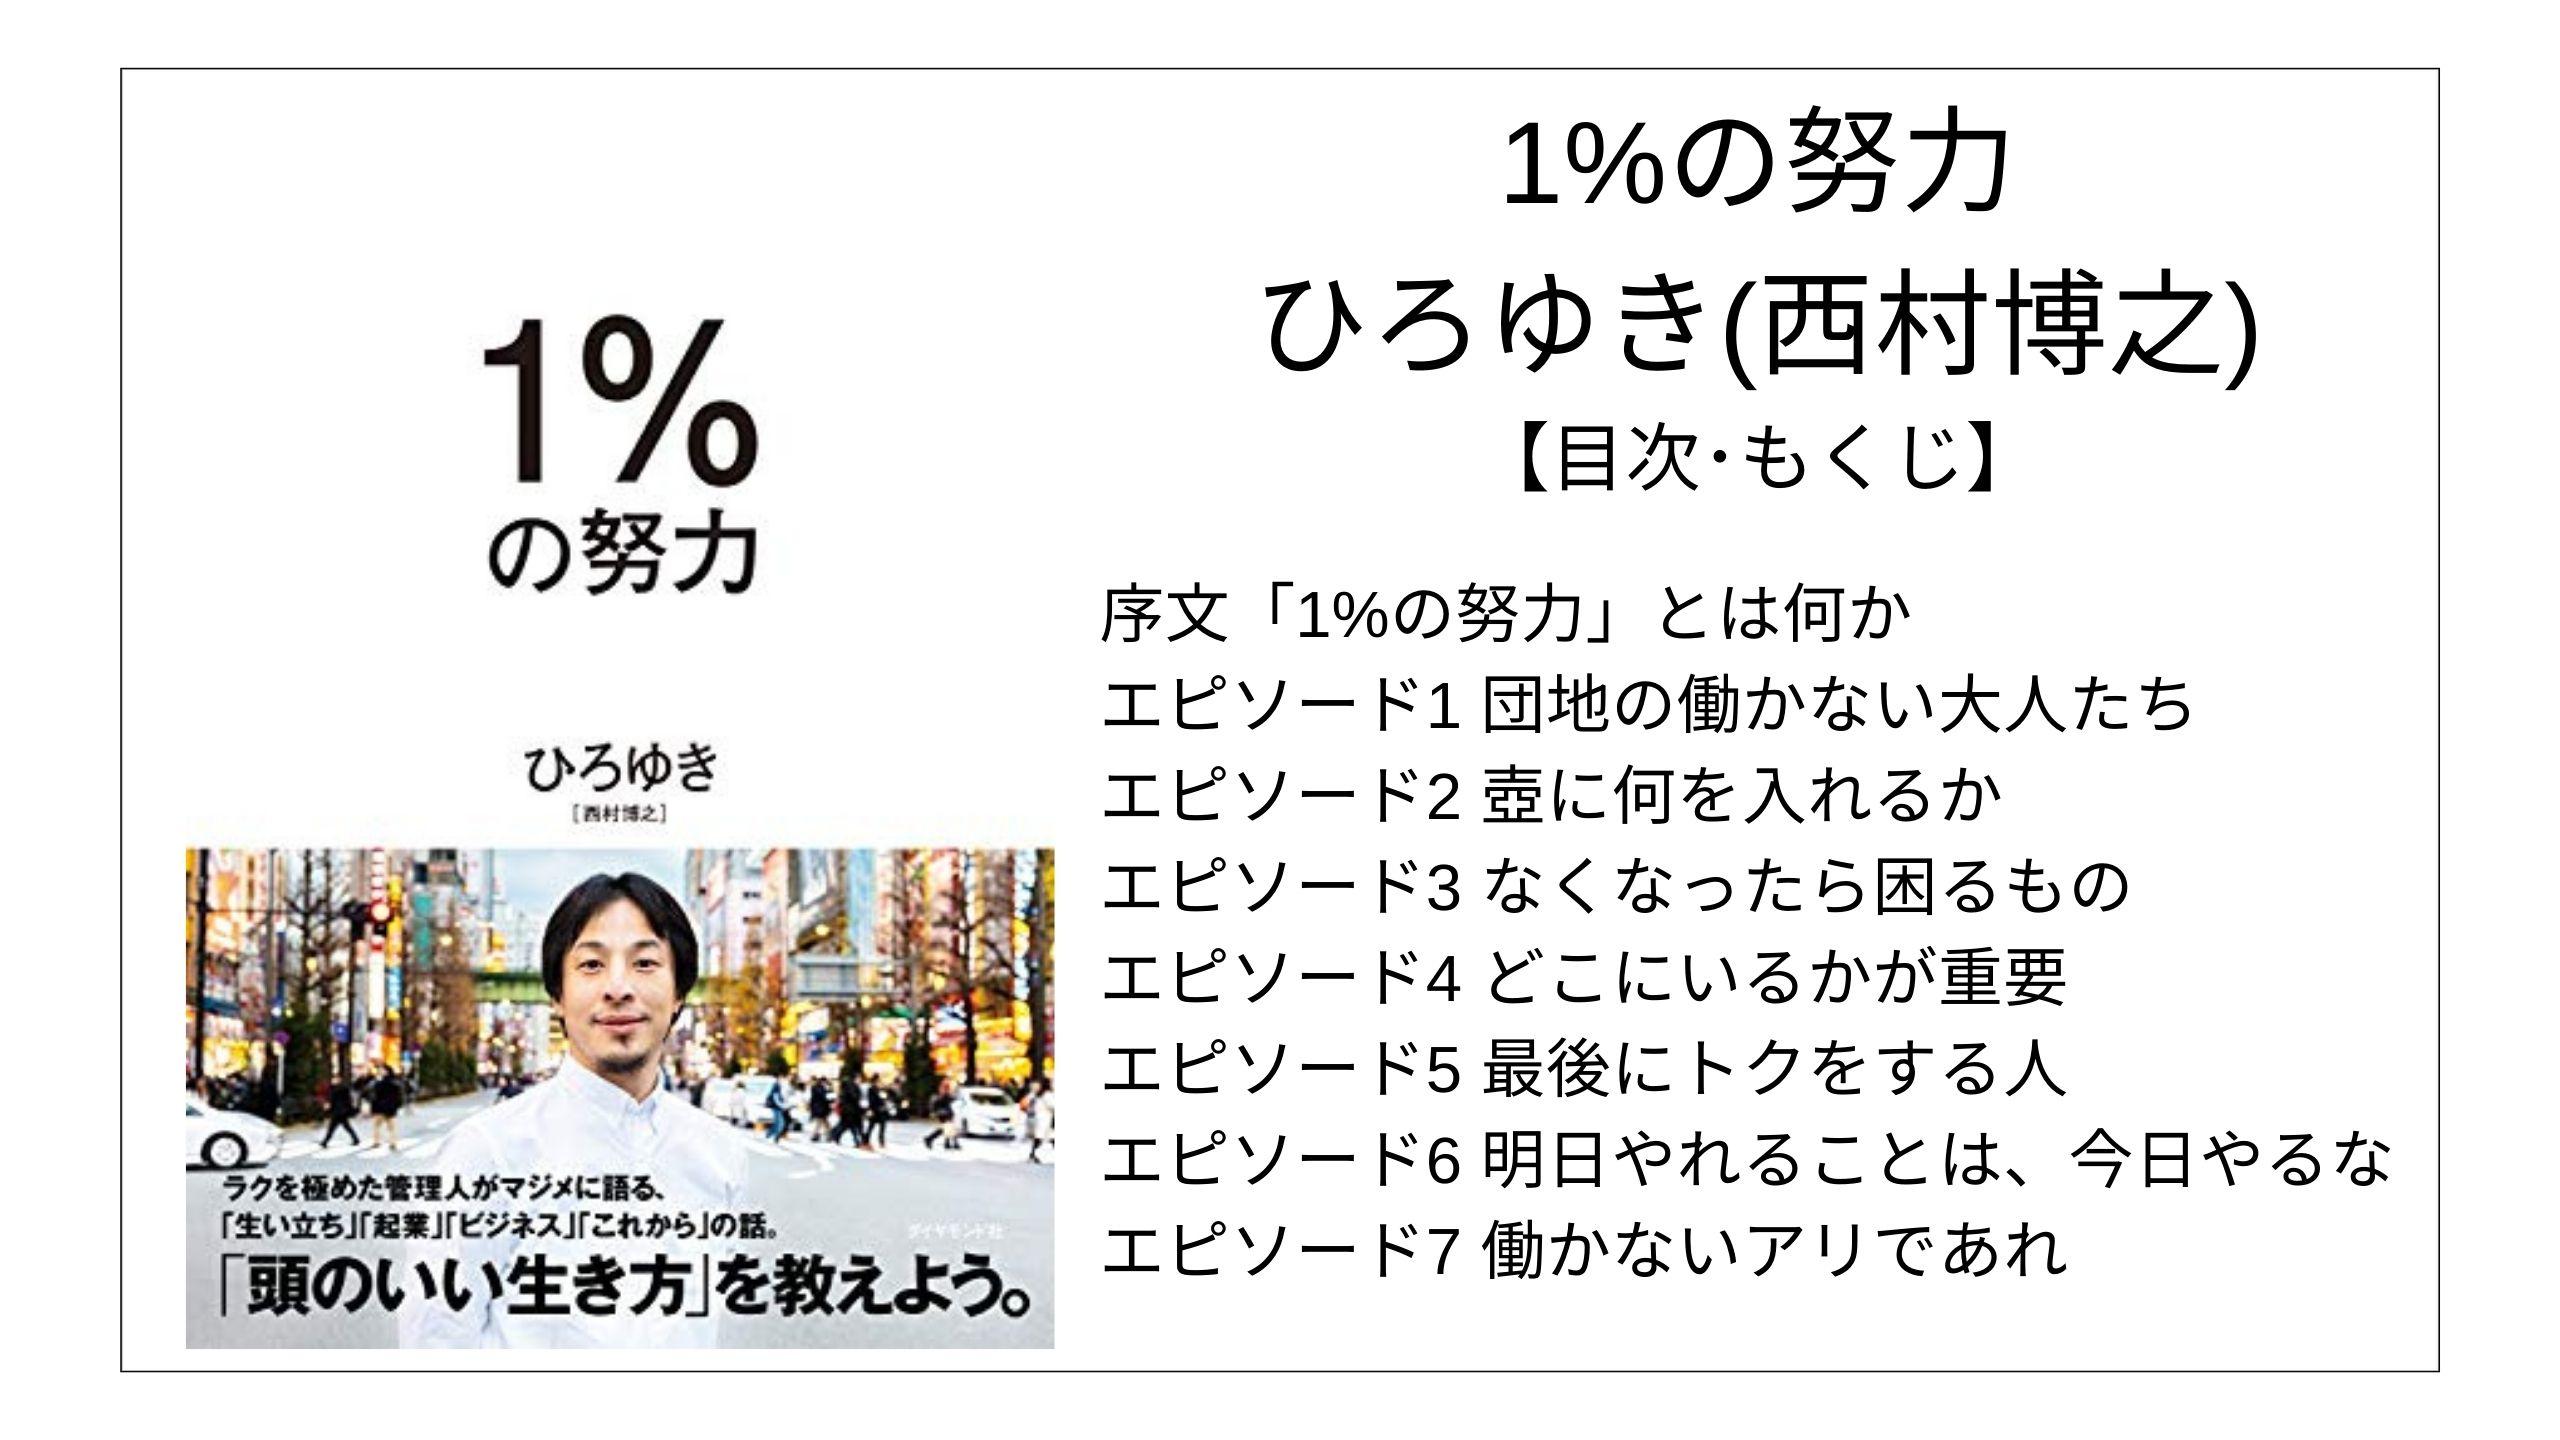 【目次】1%の努力 / ひろゆき(西村博之) 【要点】 モクホン 本の目次を読むサイト